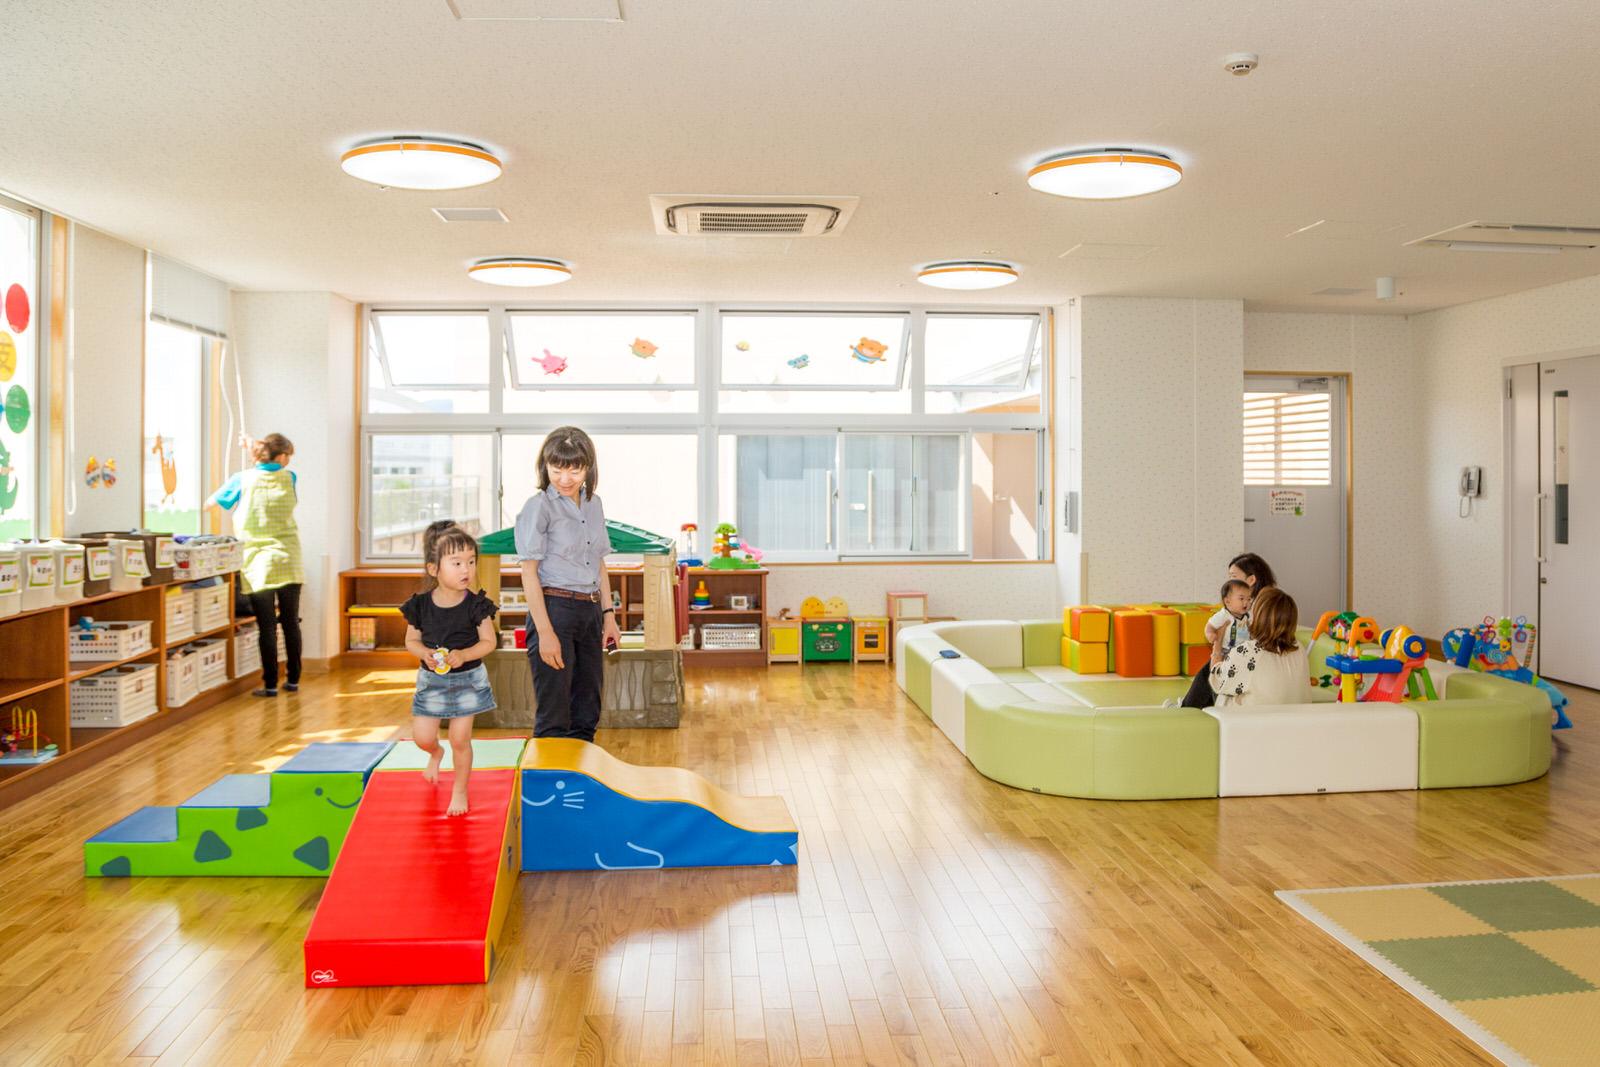 明るく広々としたスペースと充実した遊具が好評